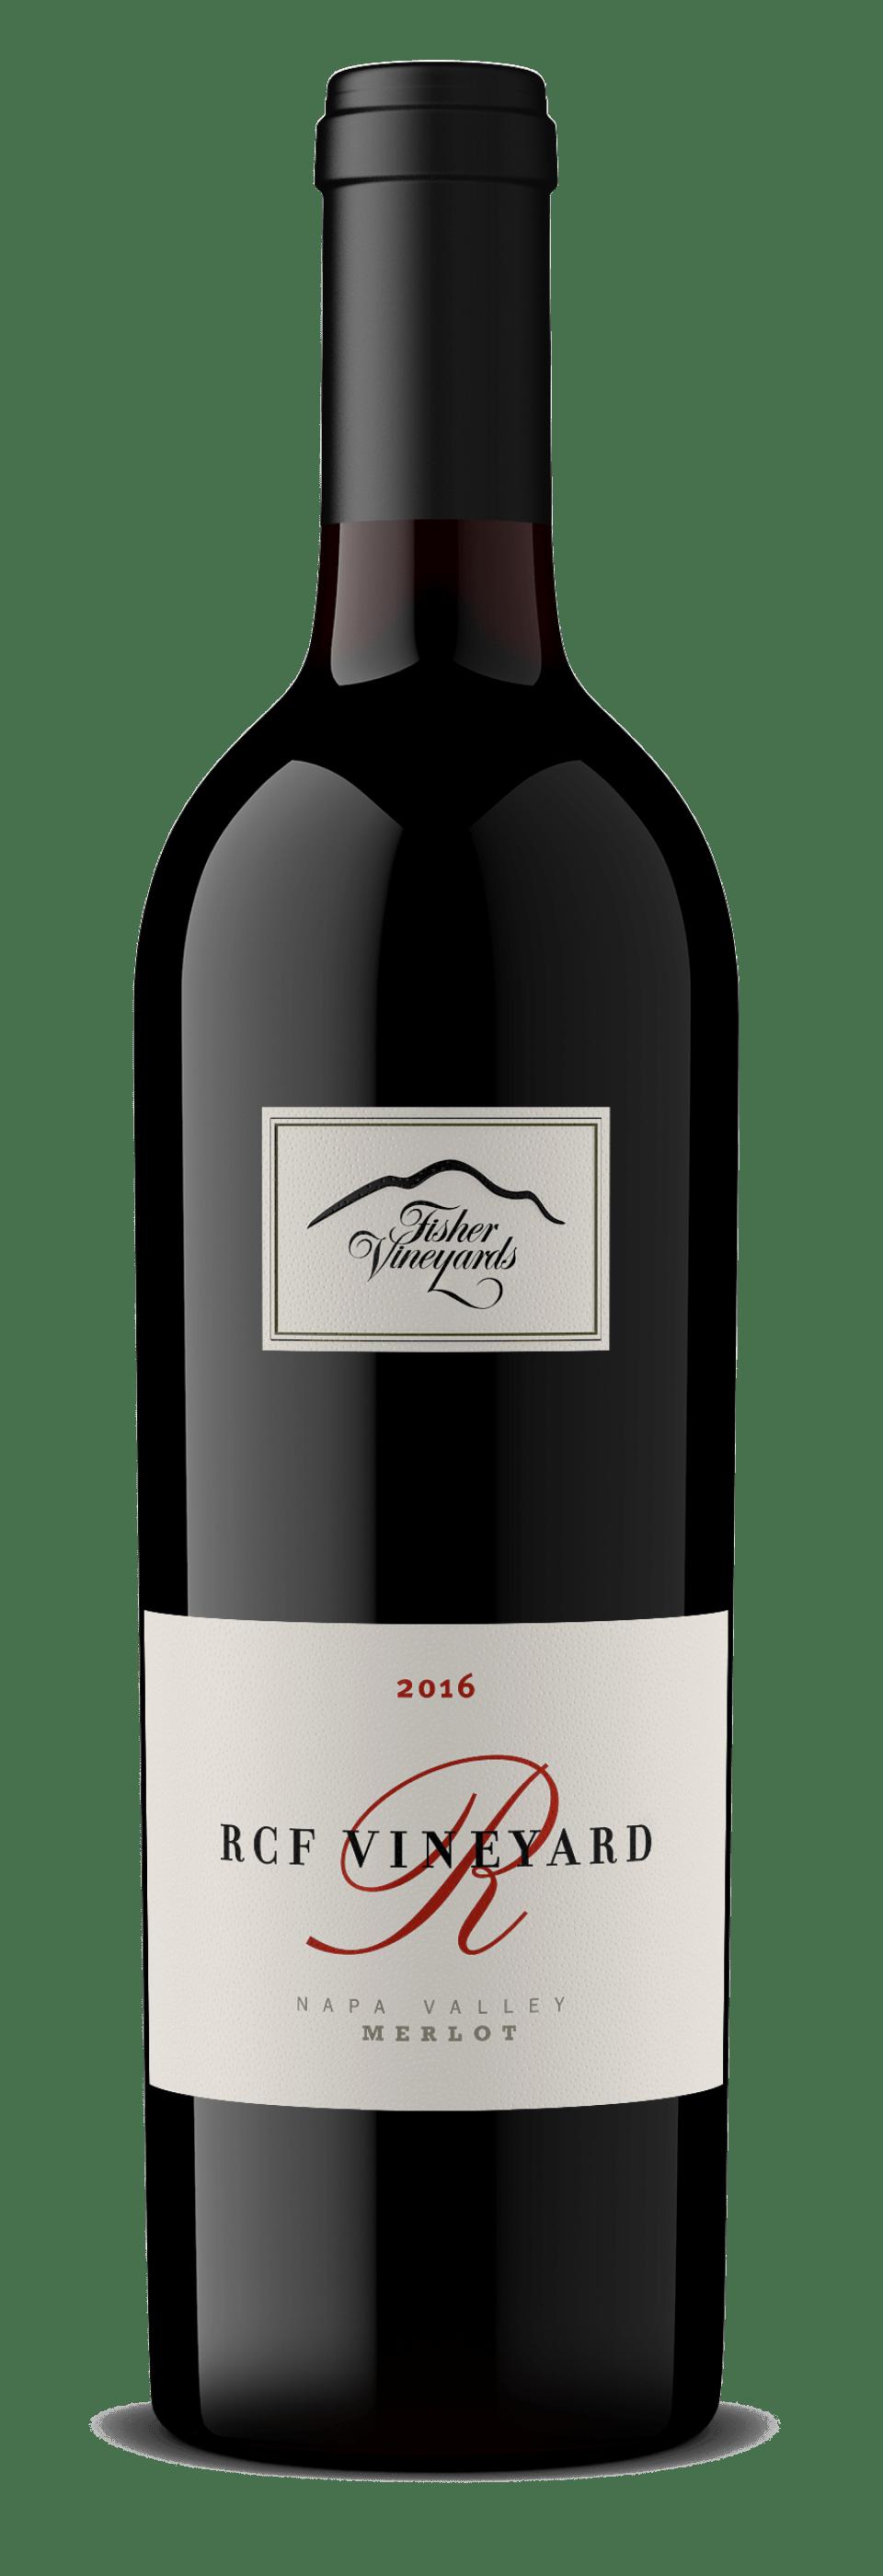 2016 RCF Vineyard